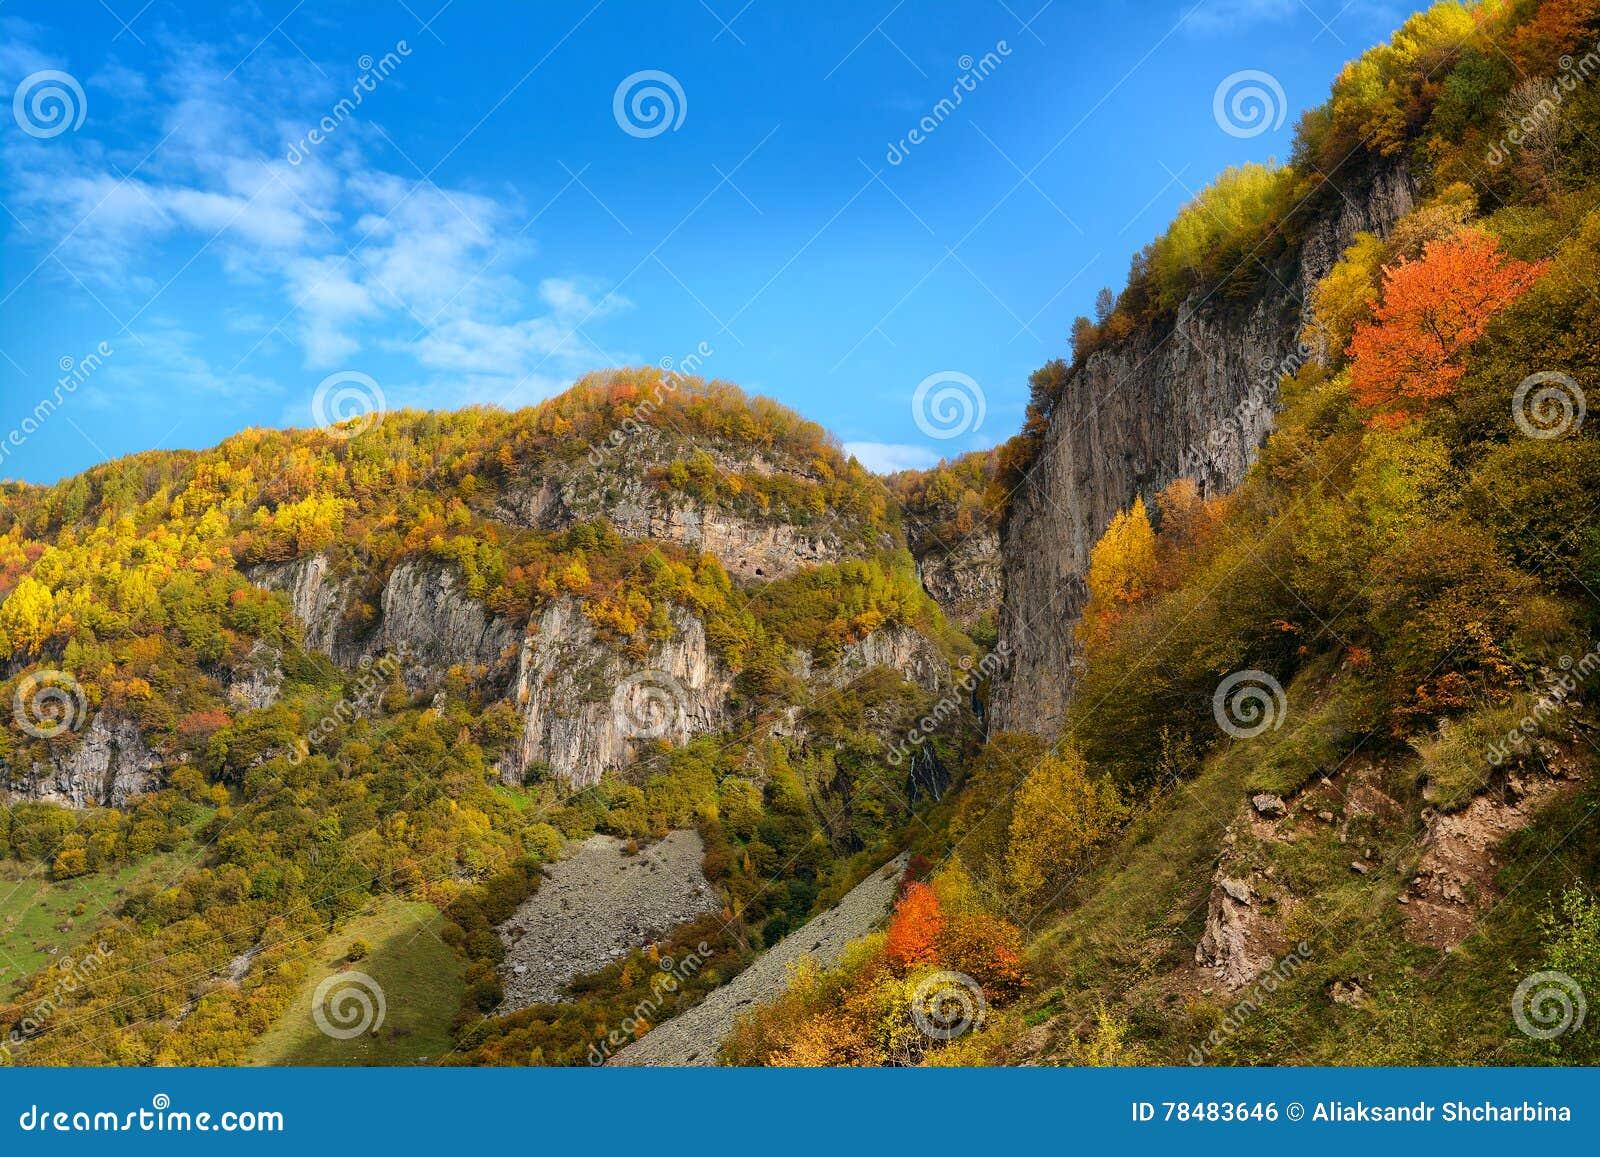 Autumn Georgian berg